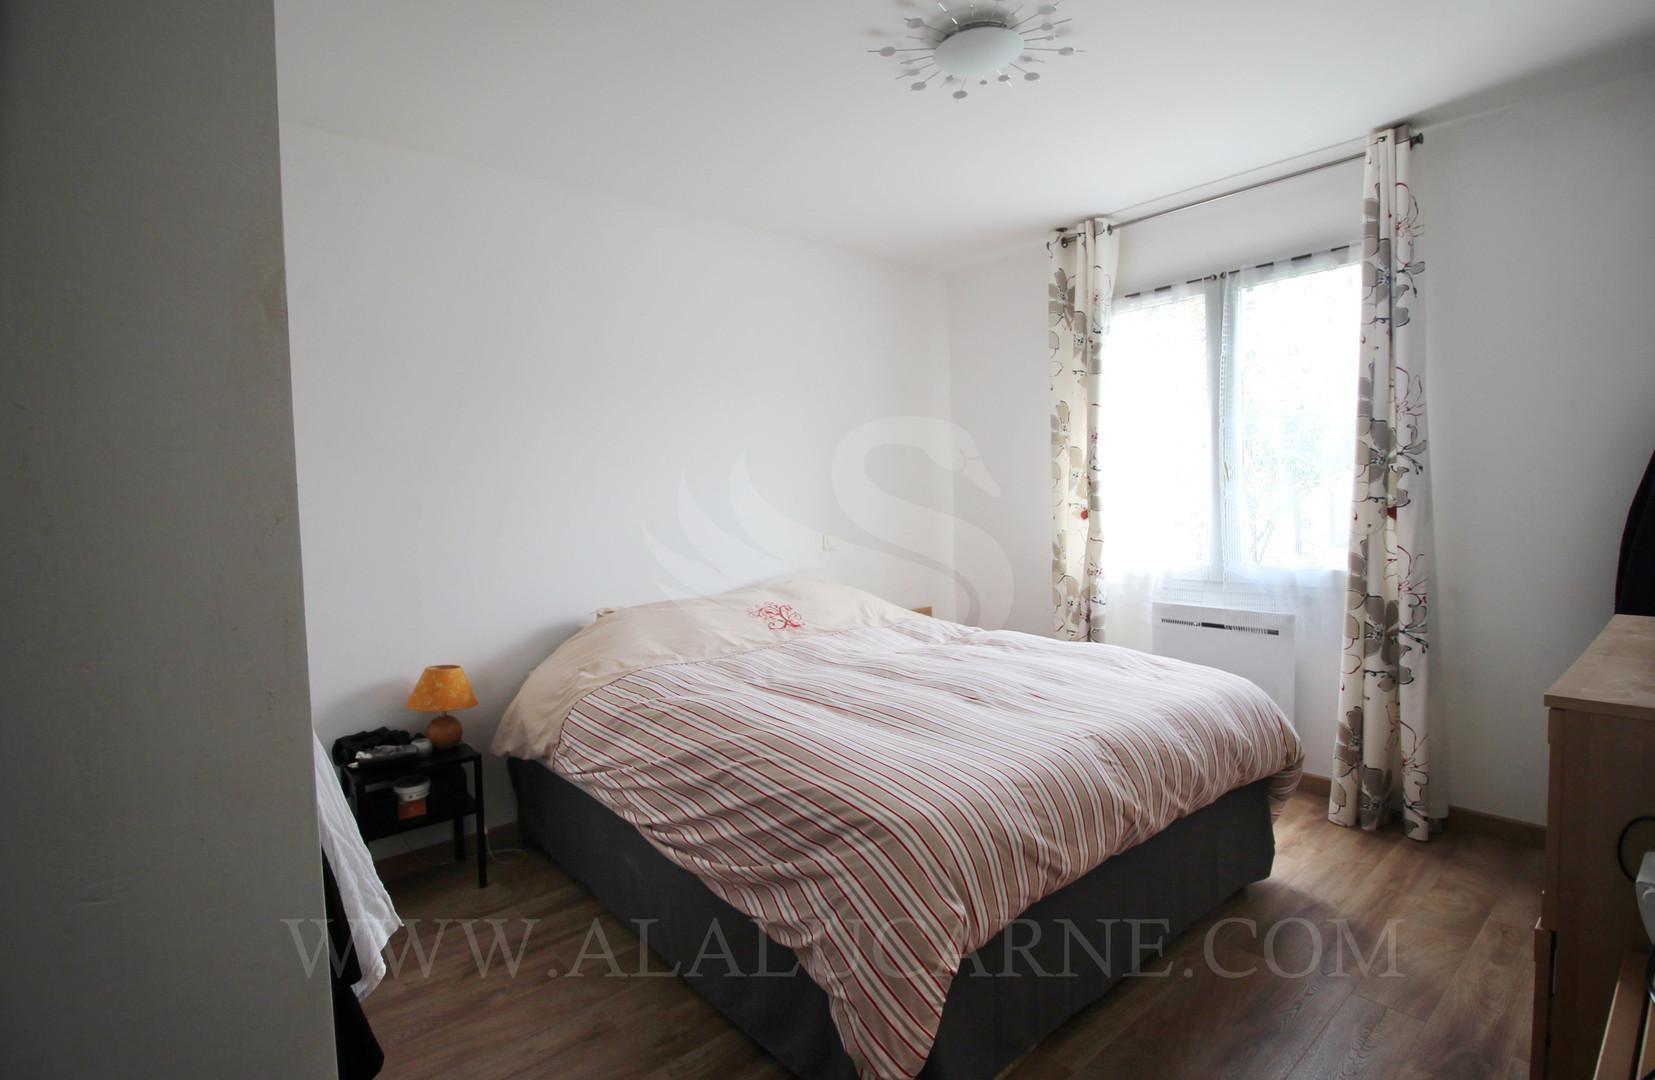 A_vendre_maison_avec_3_chambres_à_Macau